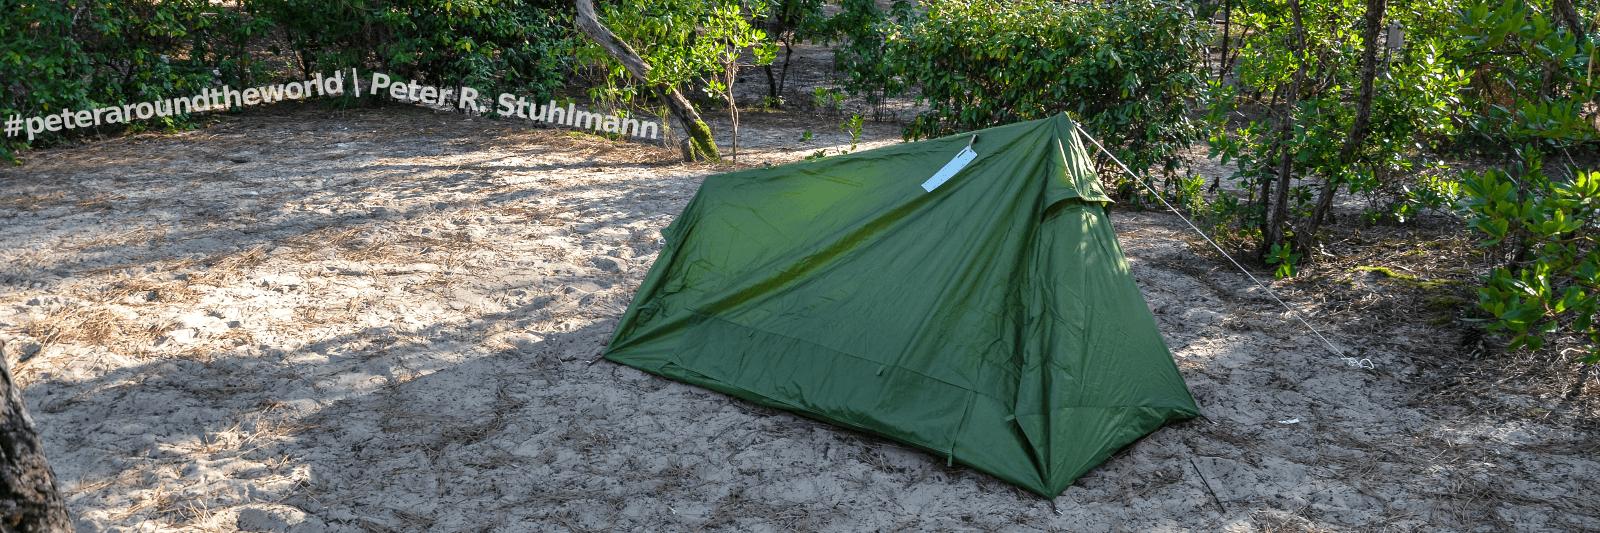 2014 auf dem Campingplatz in Arcachon, Frankreich